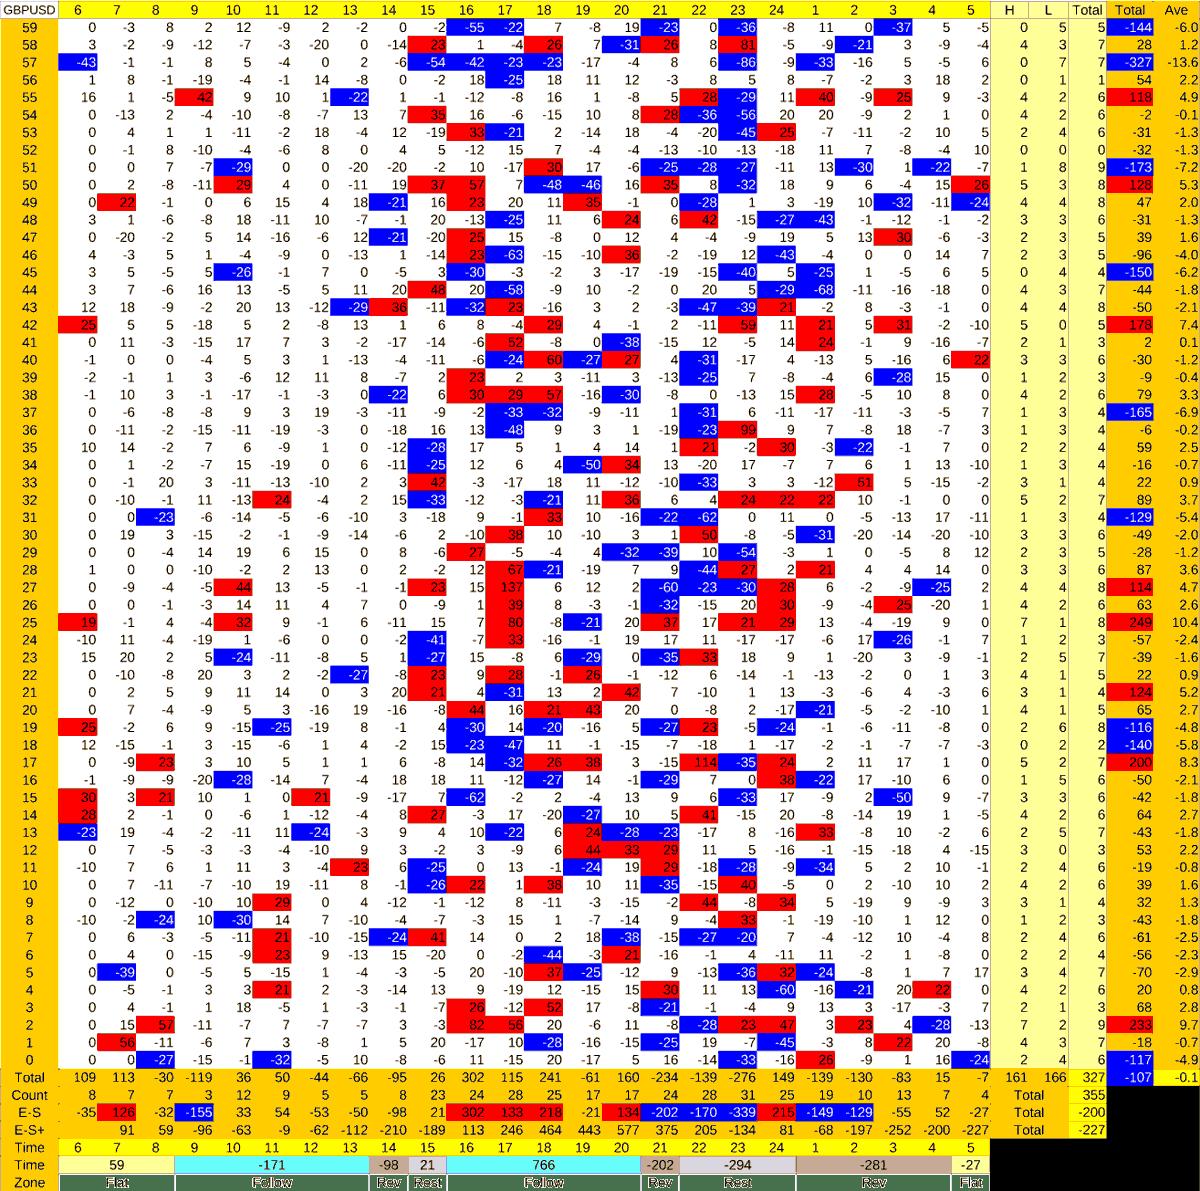 20210329_HS(2)GBPUSD-min